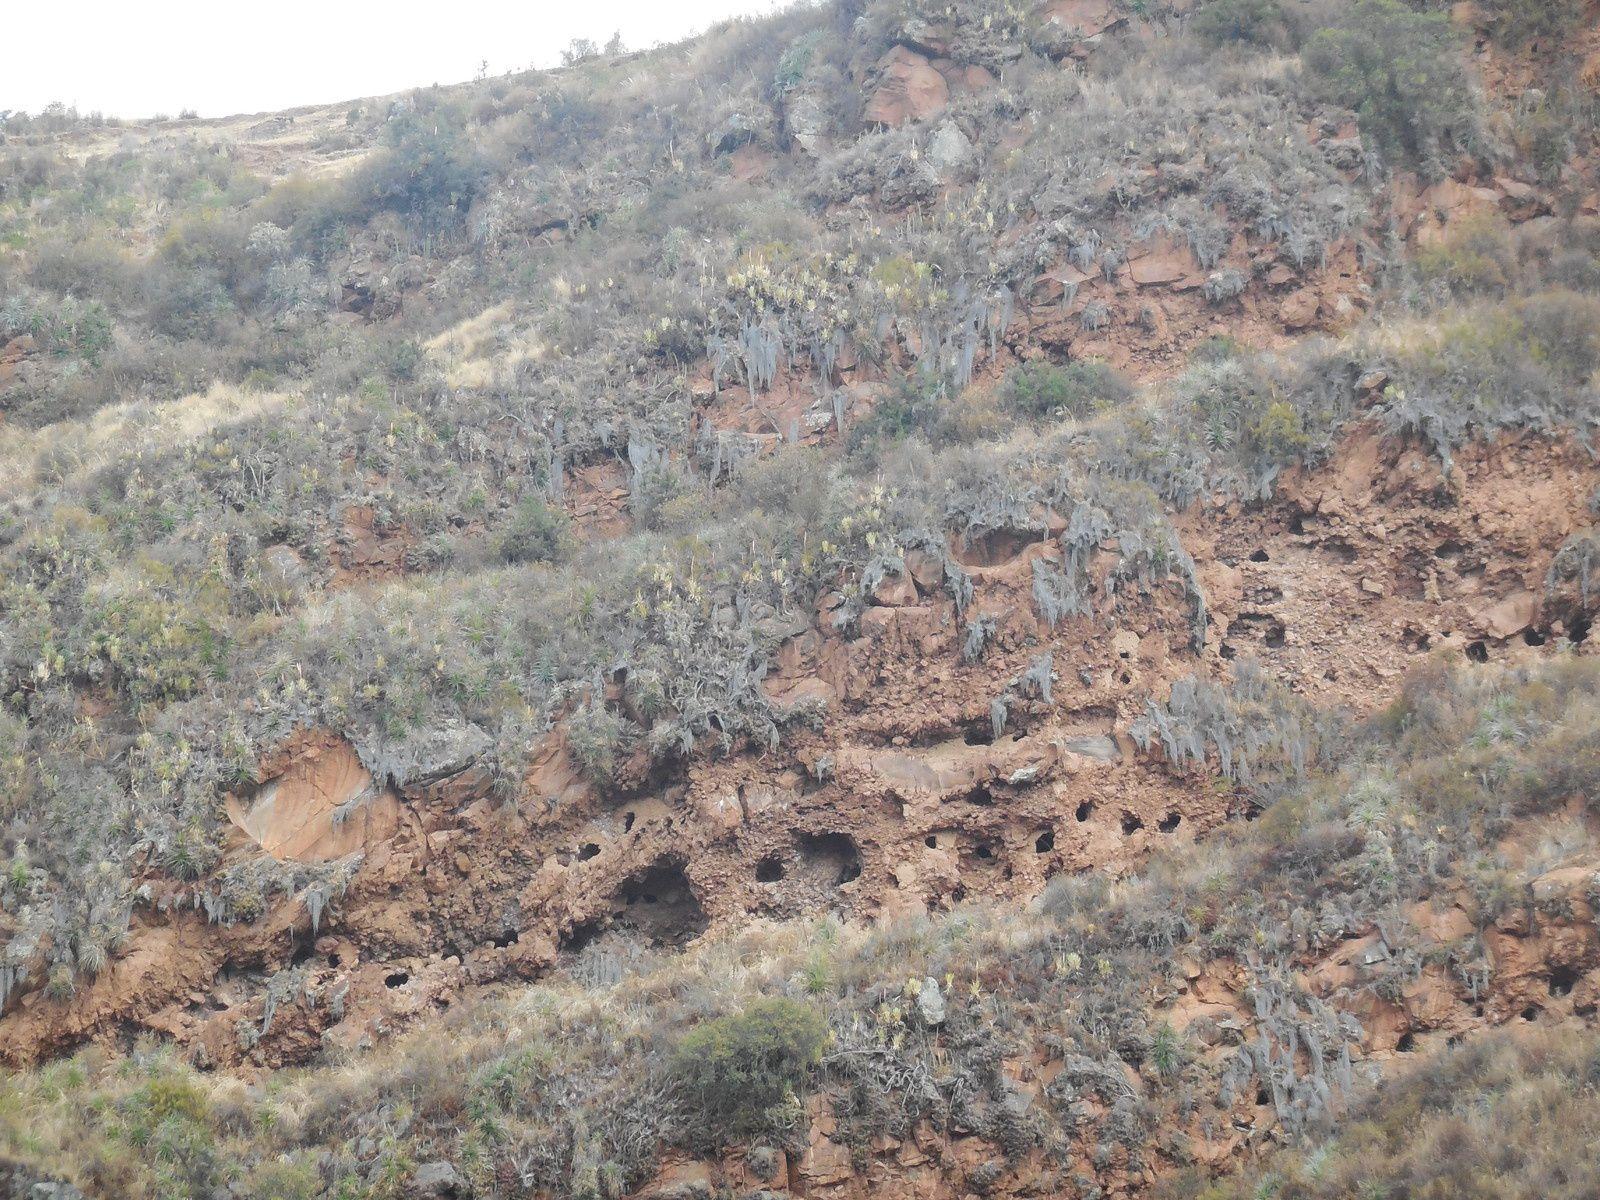 Sur la falaise, face aux ruines du site de Pisaq, de nombreux trous: il s'agit du cimetière de Tankanamarka. Les Incas y enterraient leurs défunts avec des objets de valeur. A ce jour, les tombes ont toutes été pillées!